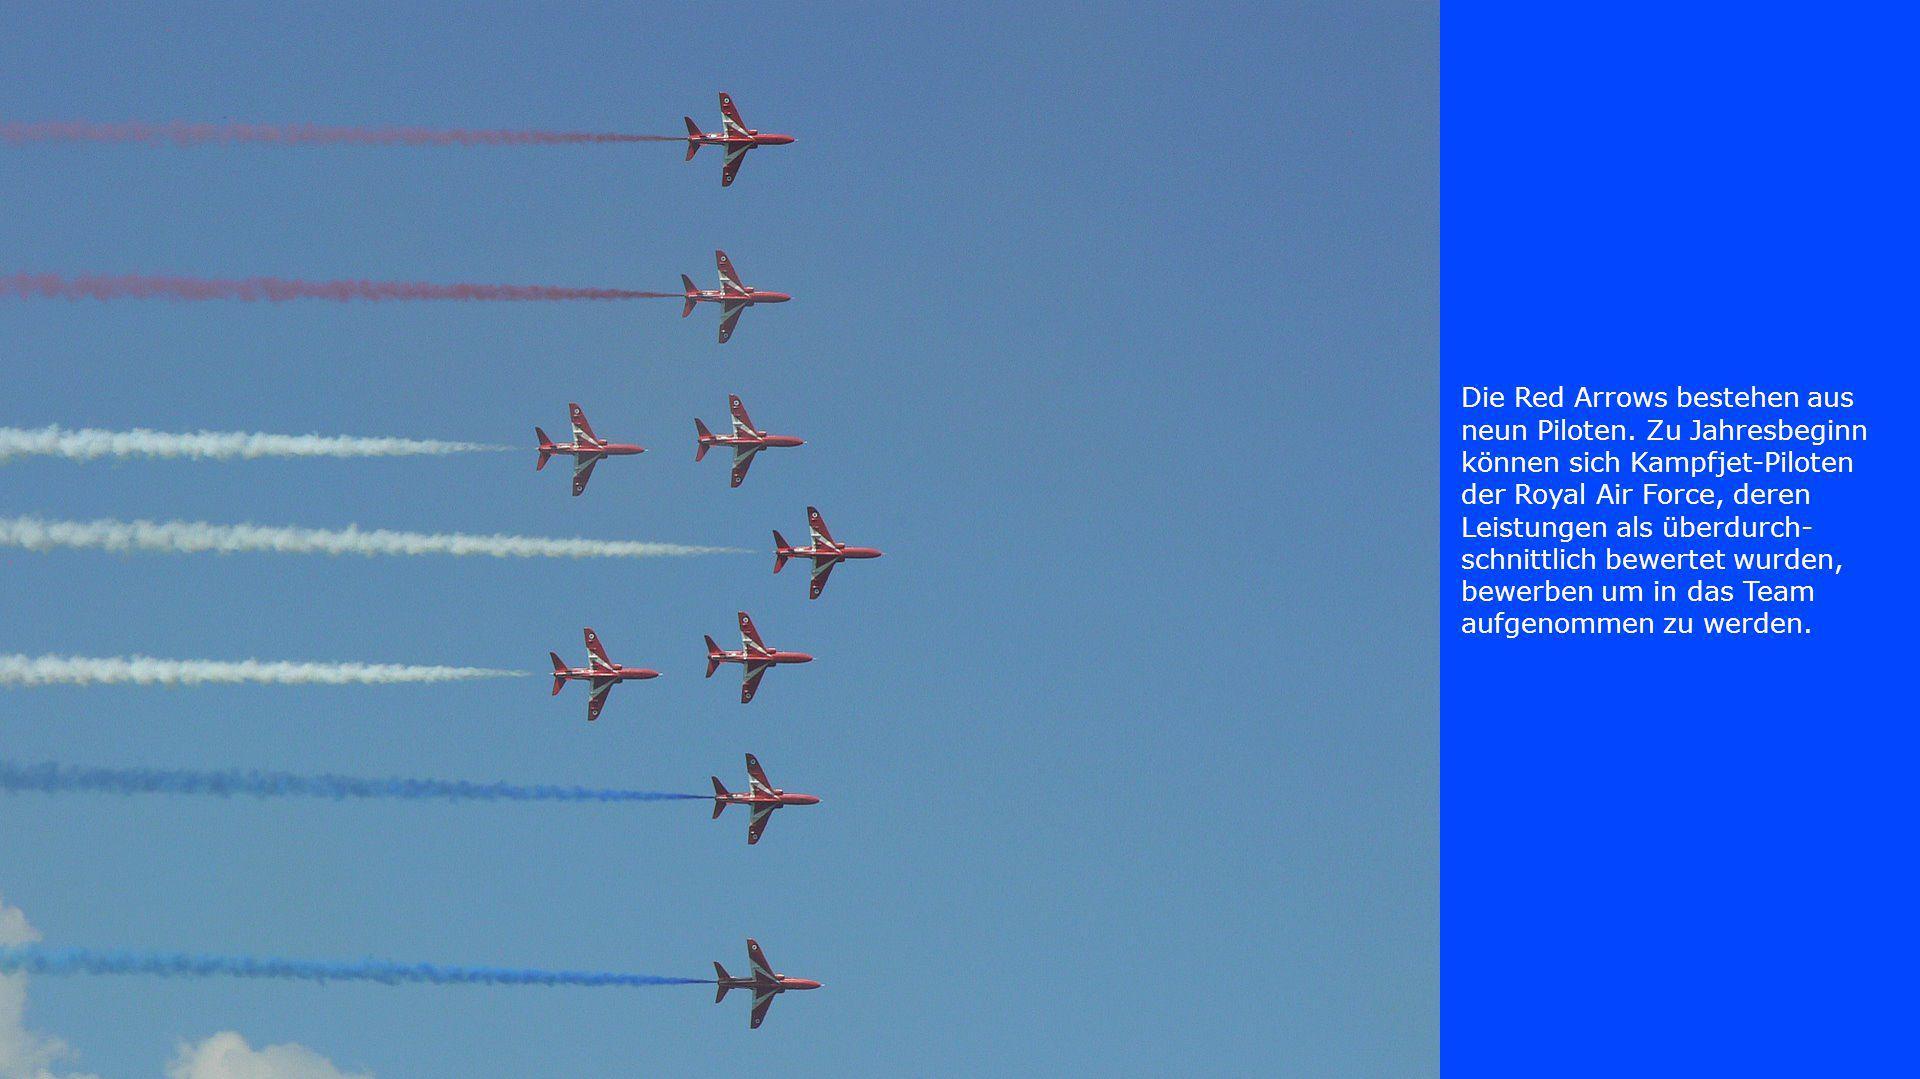 Die Red Arrows bestehen aus neun Piloten